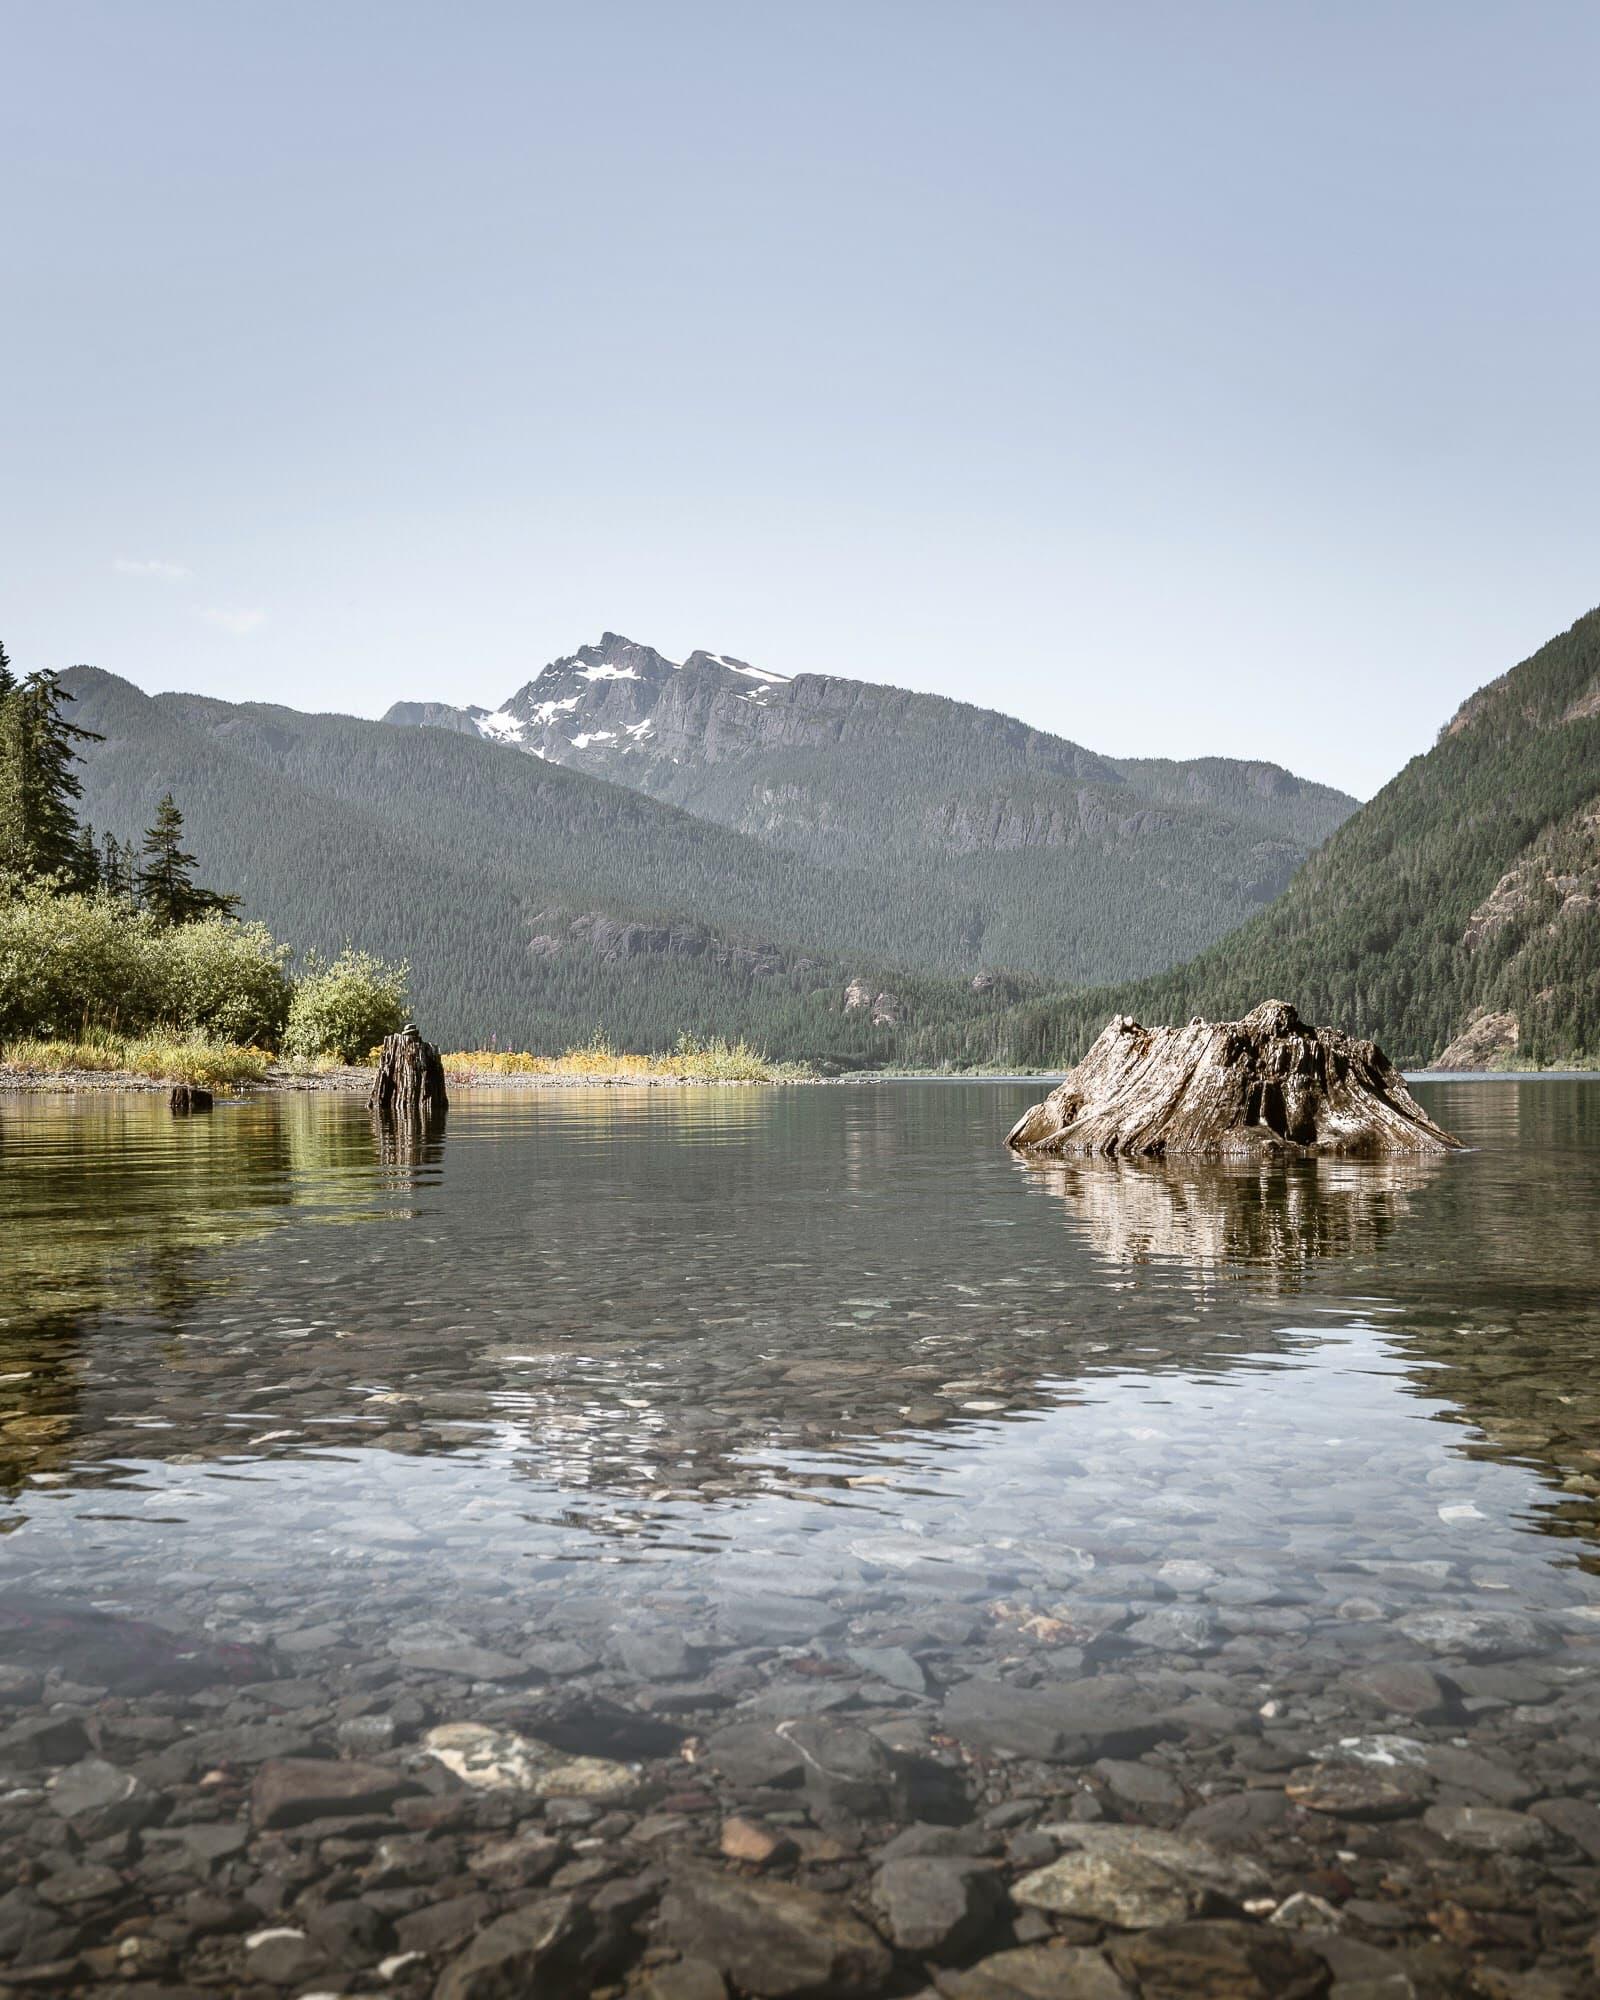 Mount Scenery - Fjord